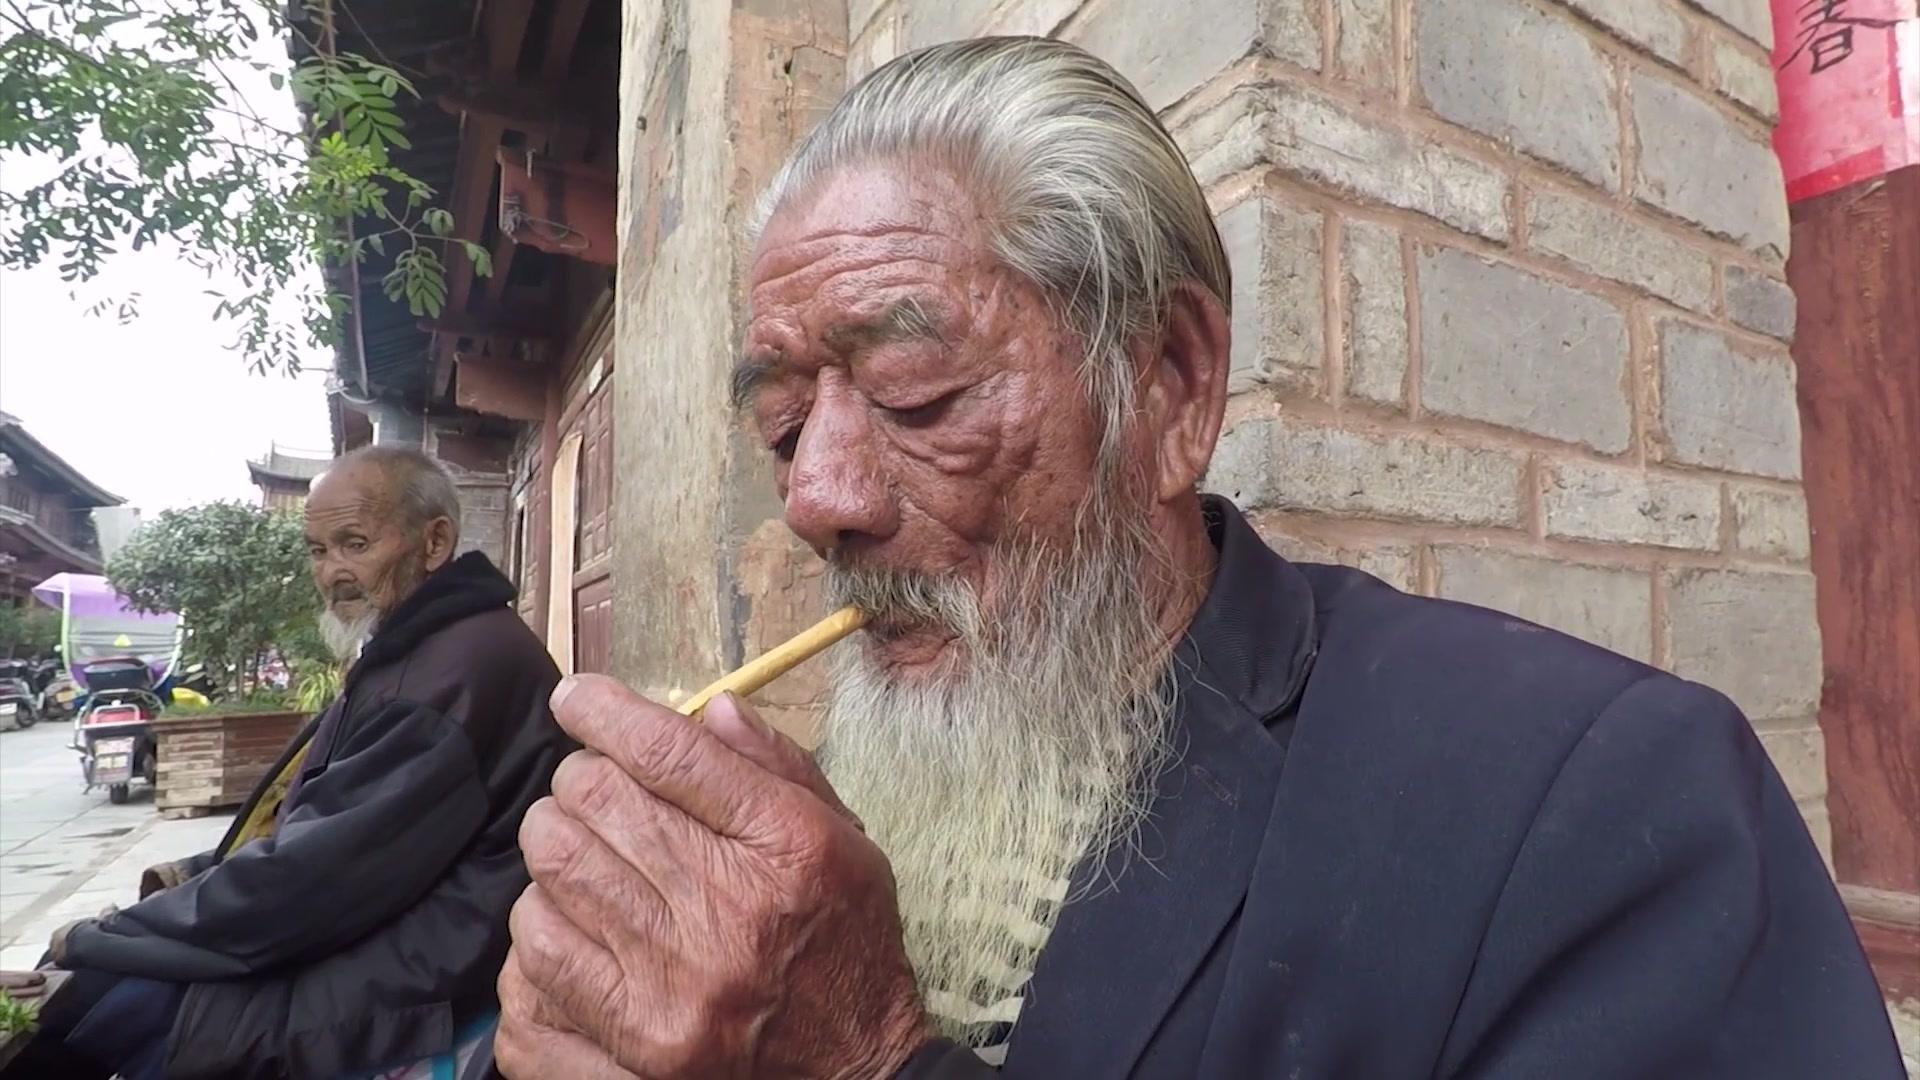 云南大理巍山古城,街头80多岁大爷的精致生活,真讲究